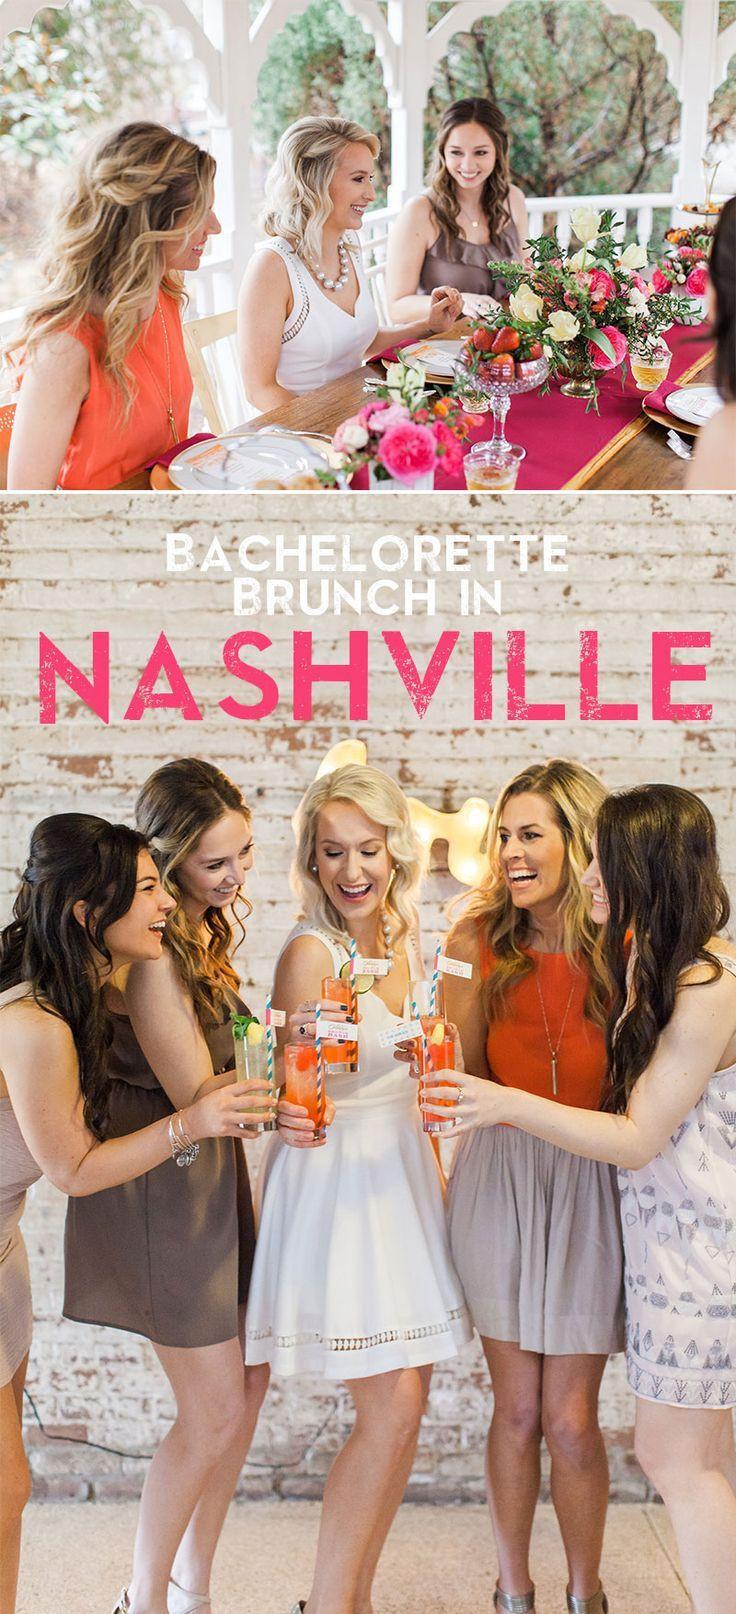 Nashville Bachelorette Party Ideas  17 Best ideas about Nashville Bachelorette Parties on